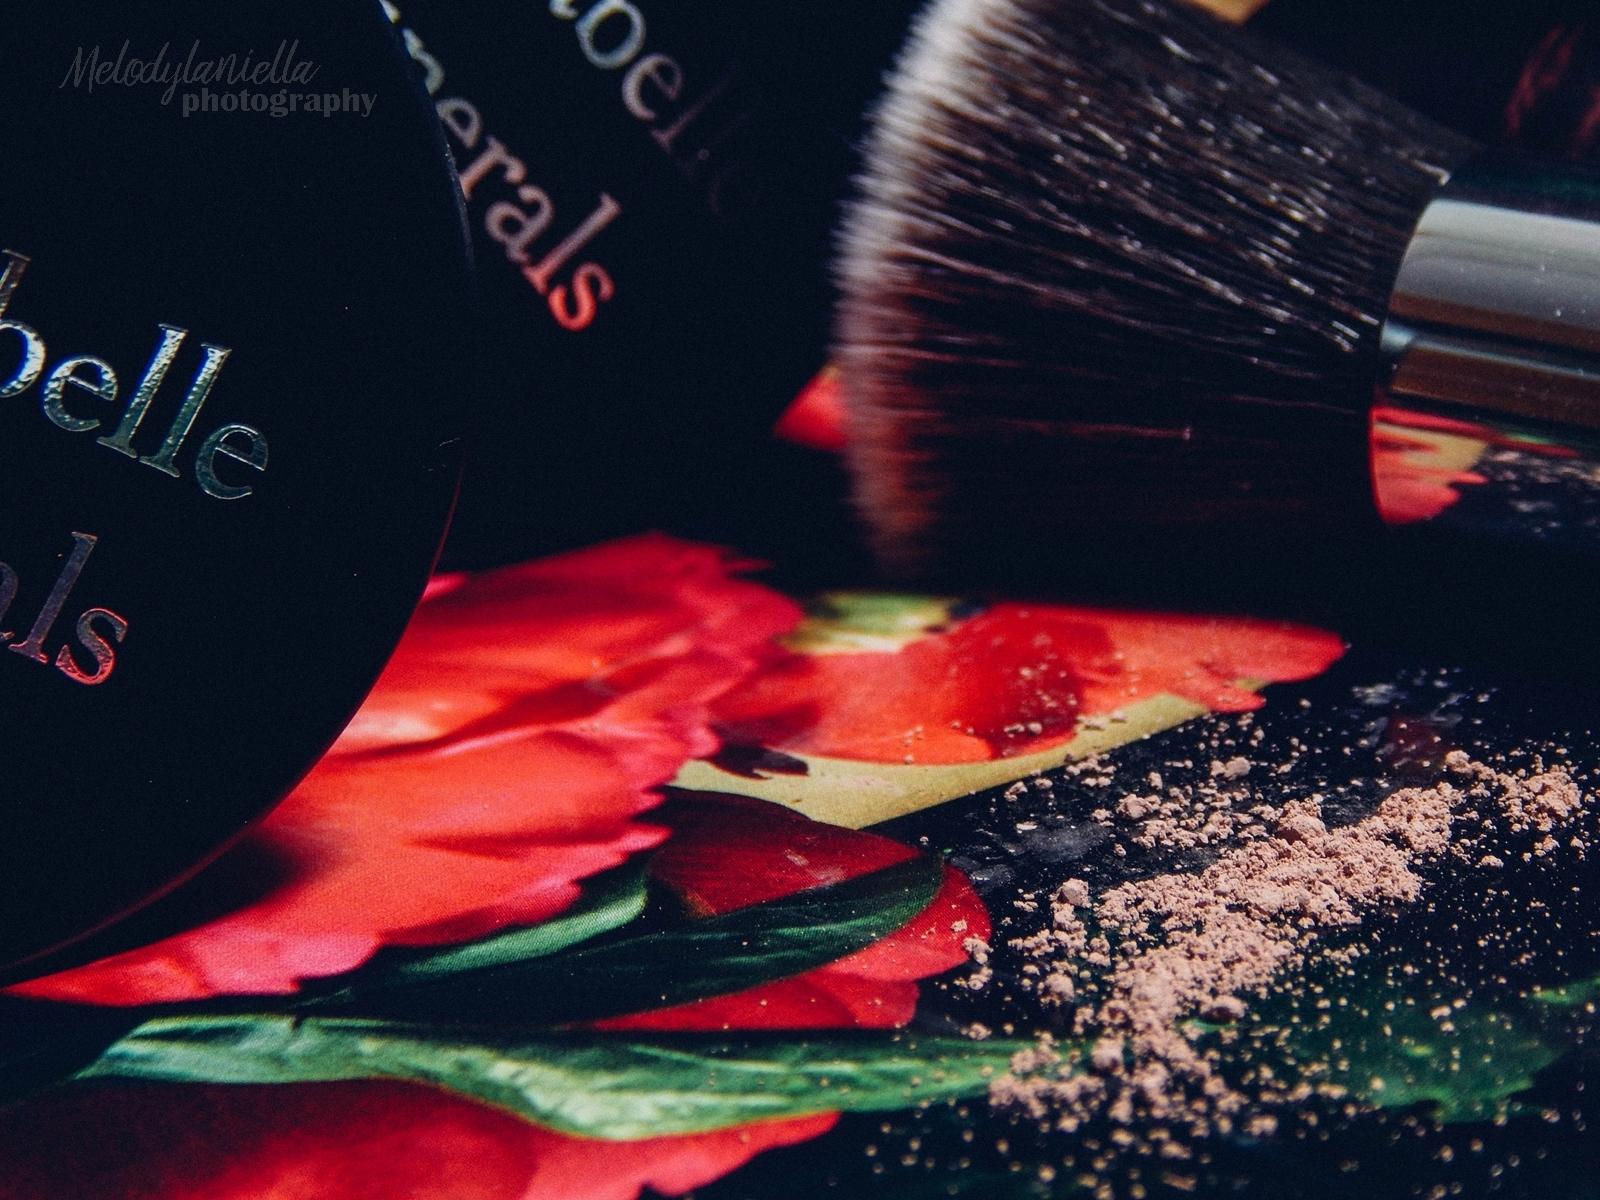 annabelle minerals kosmetyki mineralne zestaw matujący korektor podkład róż gratis pędzel jak używać kosmetyków mineralnych recenzja melodylaniella pędzel z bambusową rączką